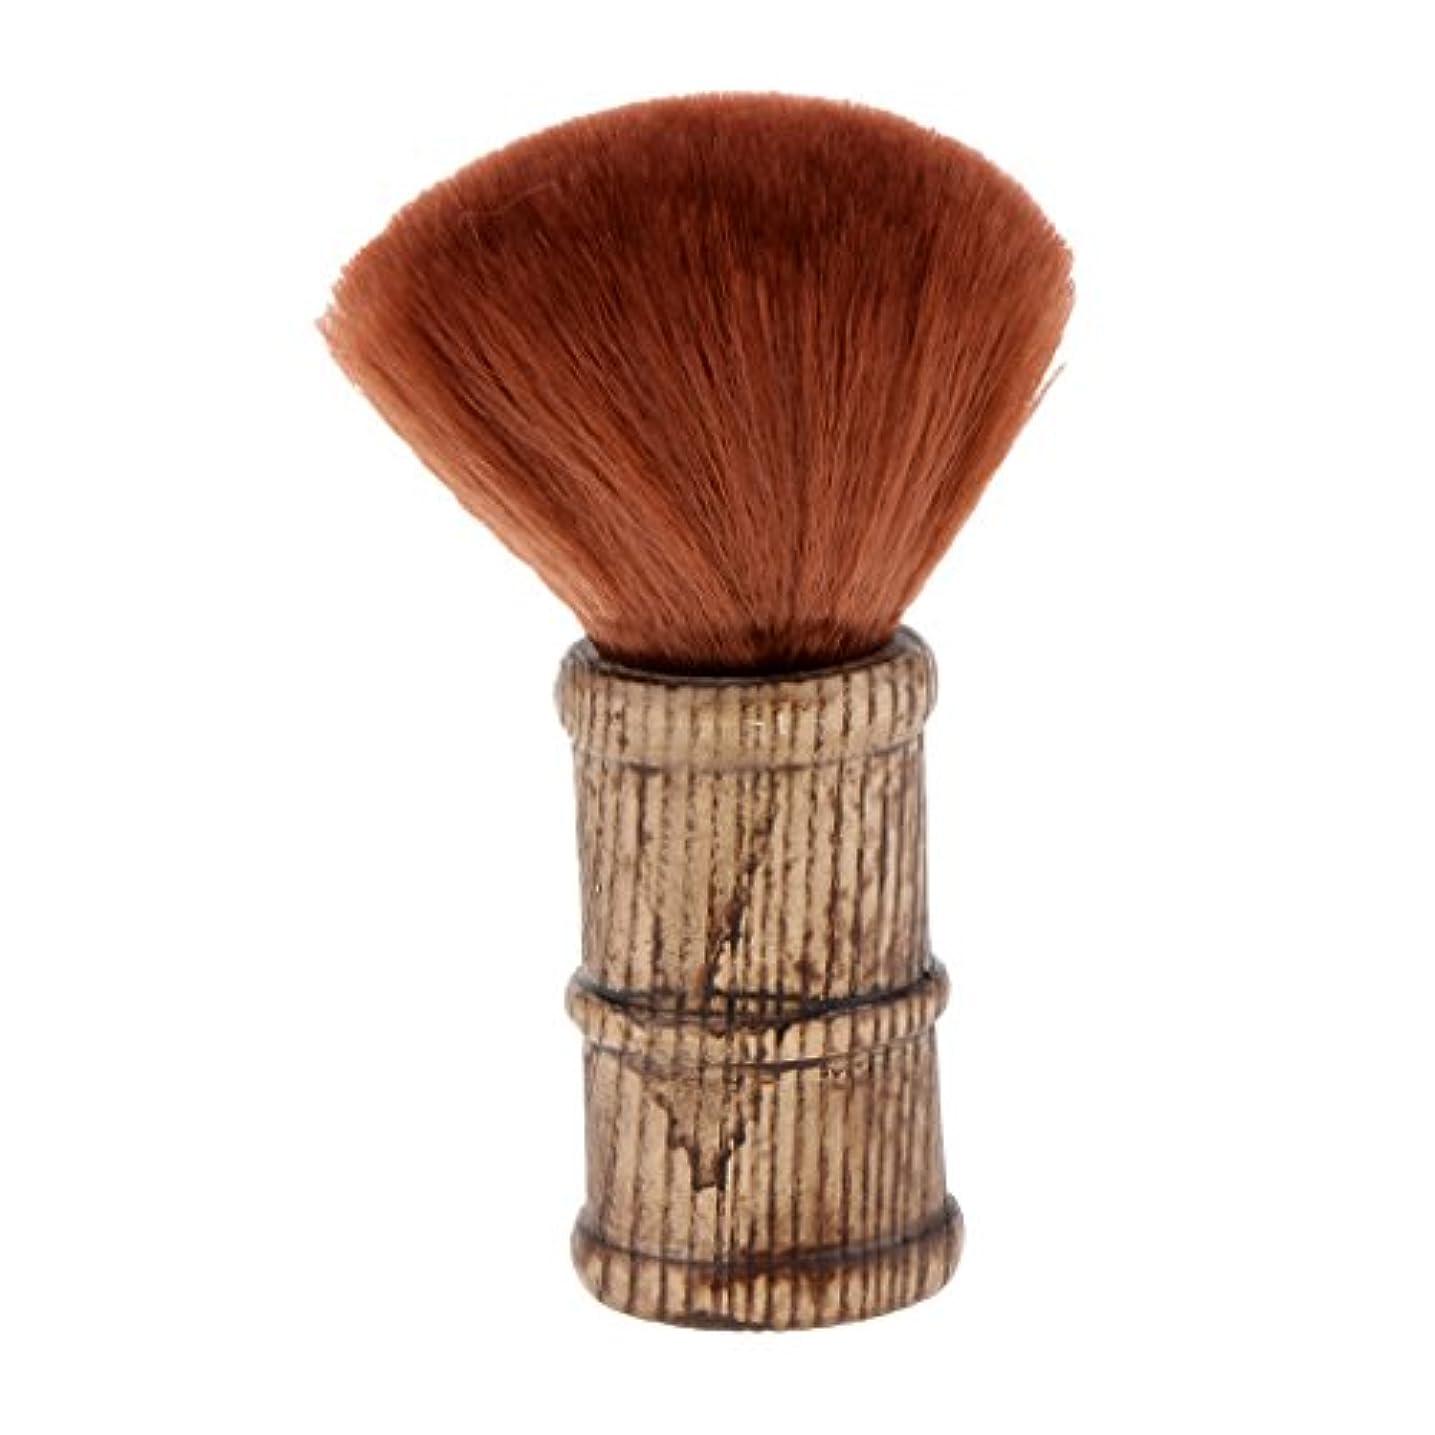 湖評価する別々にネックダスターブラシ ヘアカットブラシ 理髪師 サロン スーパーソフト メイクアップ 2色選べる - 褐色